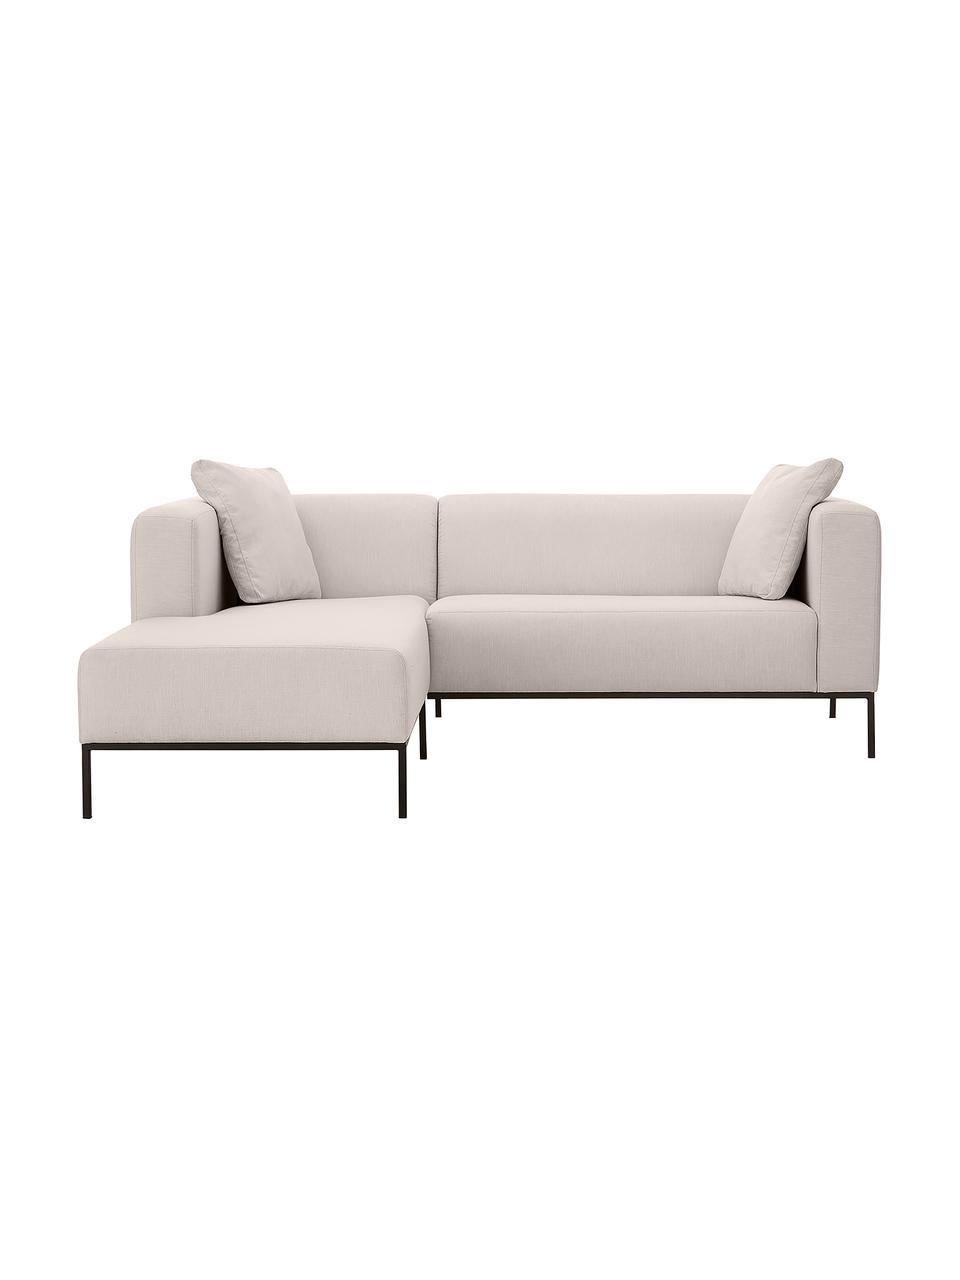 Sofa narożna z metalowymi nogami Carrie, Tapicerka: poliester 50 000 cykli w , Tapicerka: wyściółka z pianki na zaw, Nogi: metal lakierowany, Jasny szary, S 222 x G 180 cm